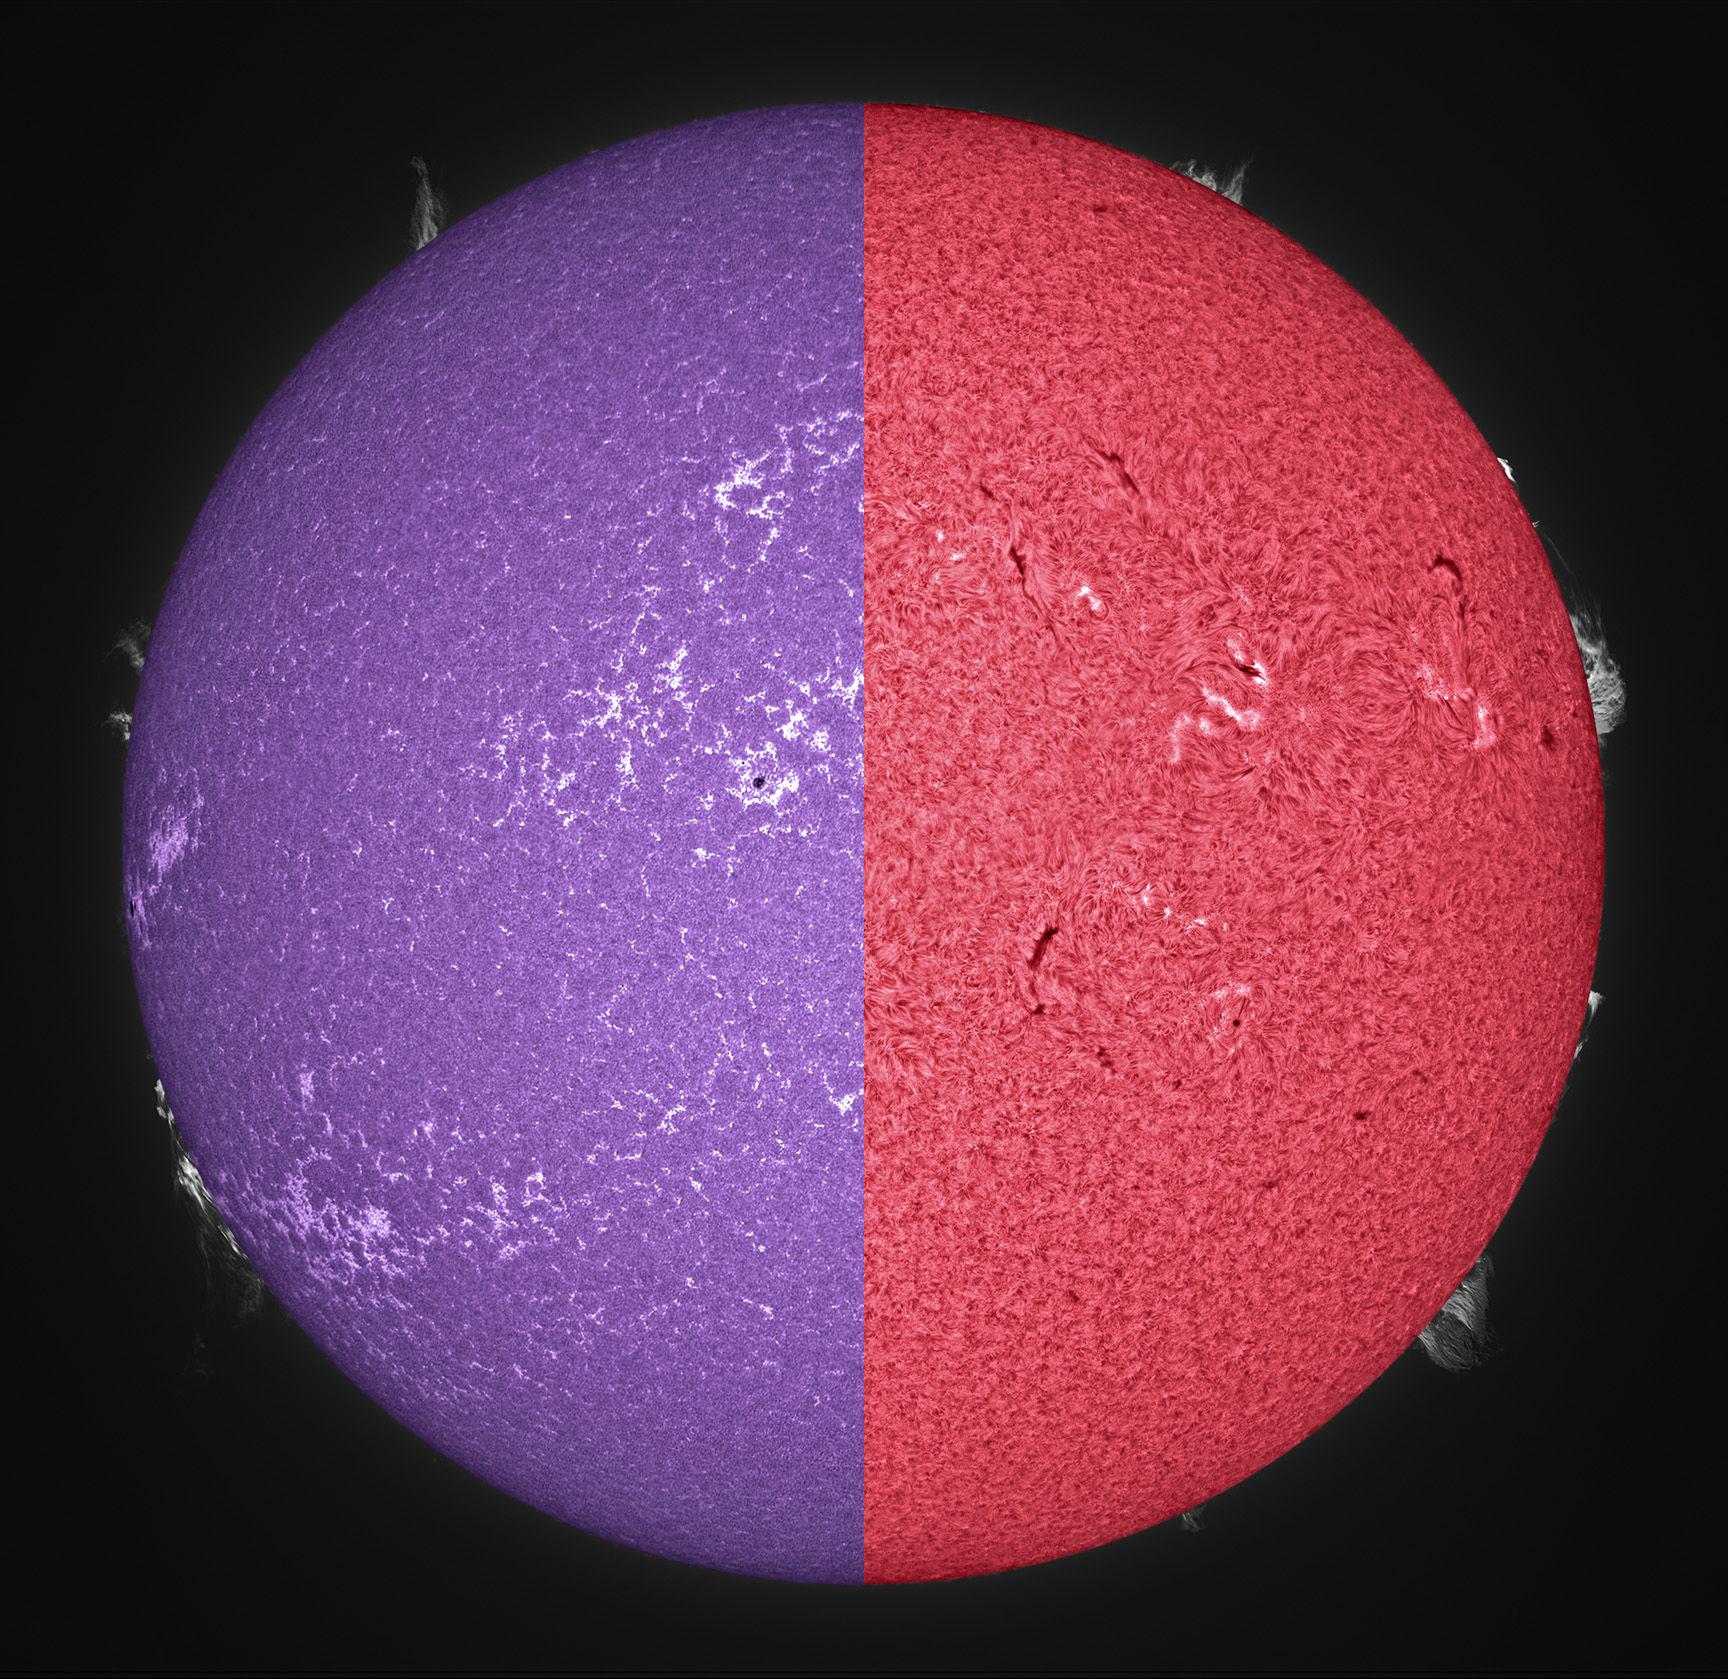 В системе звезды Gliese 581 - три экзопланеты, а не шесть, как считалось ранее